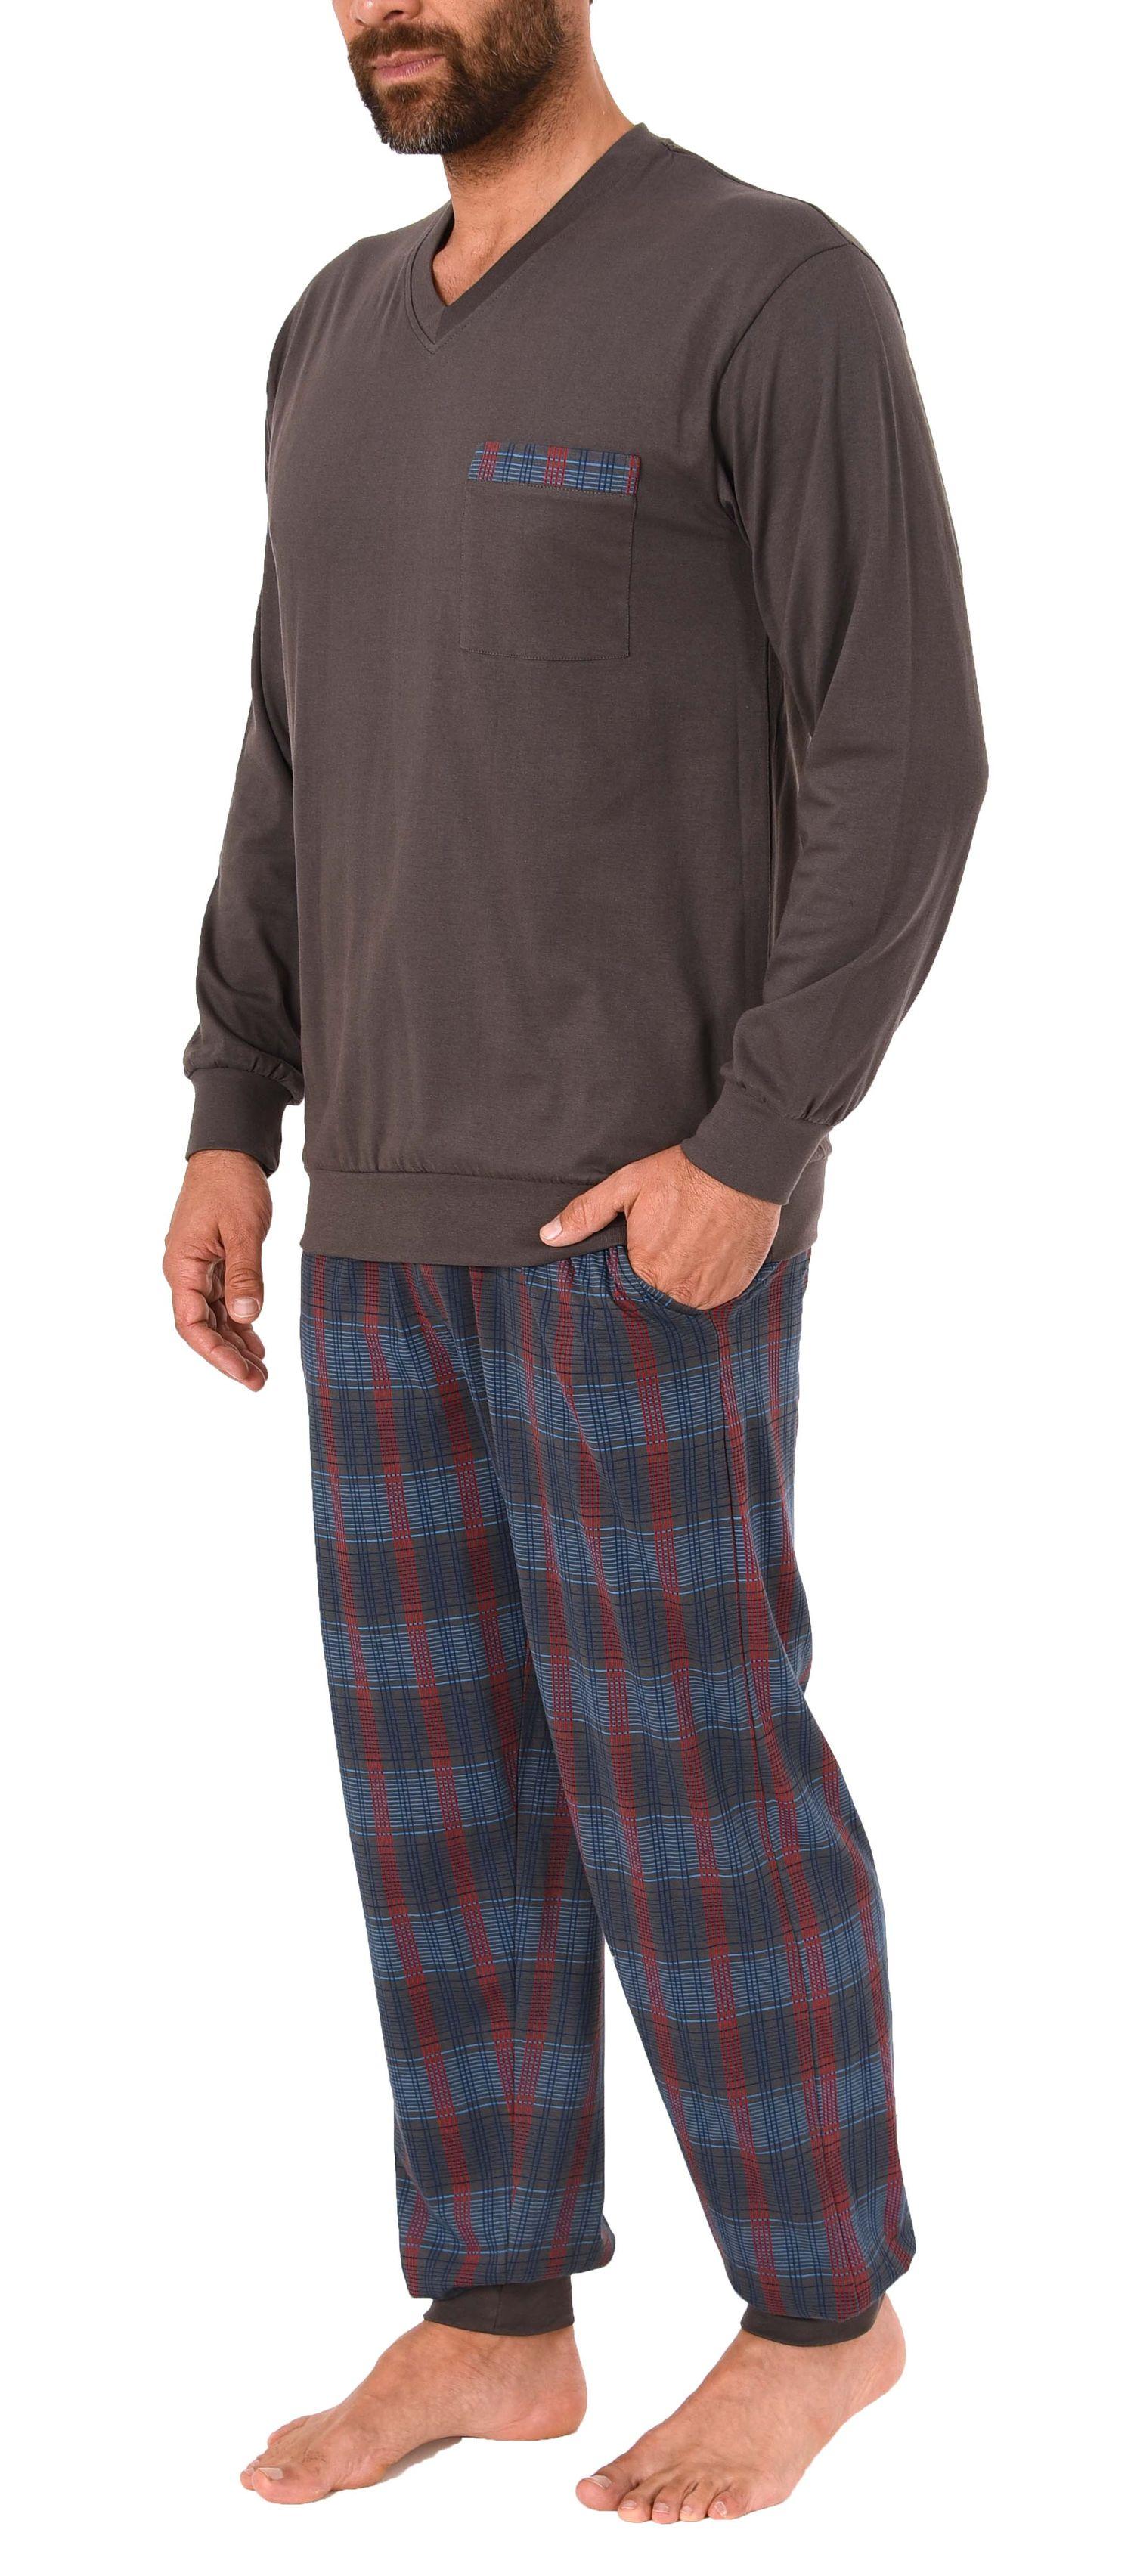 Herren Schlafanzug Pyjama mit Bündchen und Karo Hose - auch in Übergrössen 281 101 90 682 – Bild 4